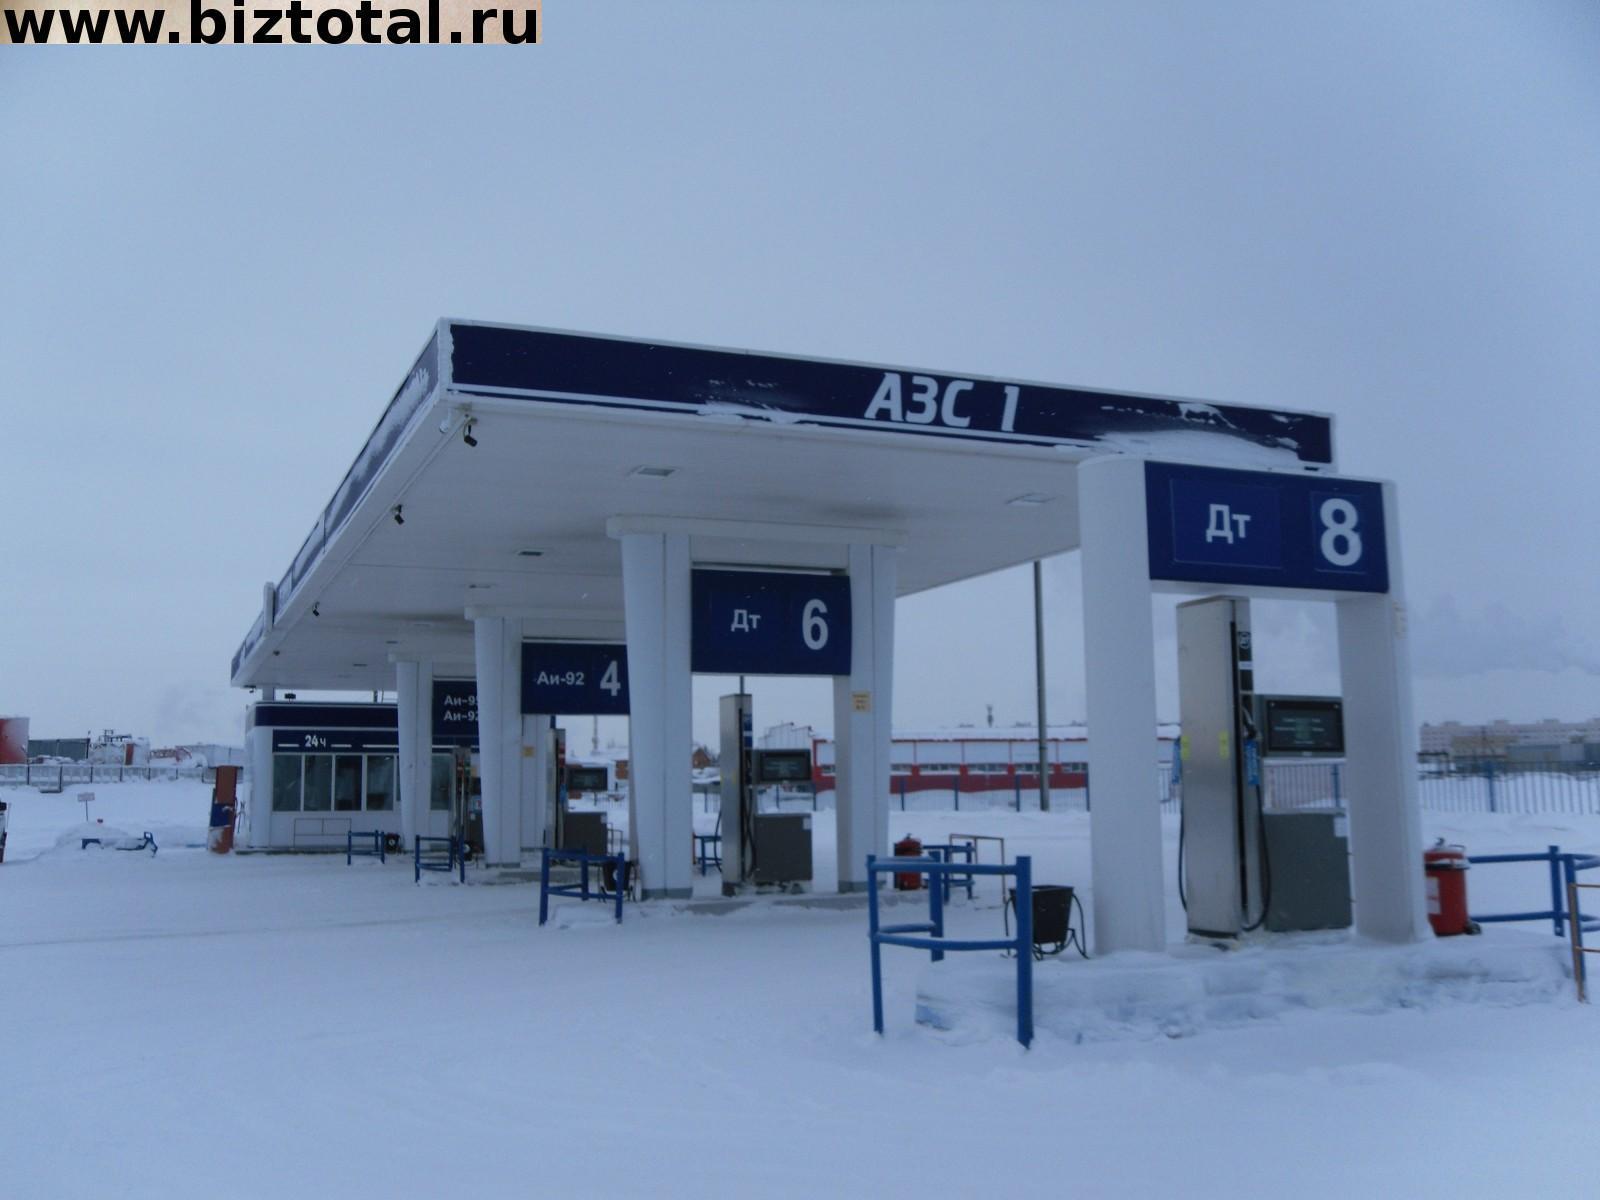 Продается сеть АЗС с нефтебазой и спецтехникой в Новом Уренгое